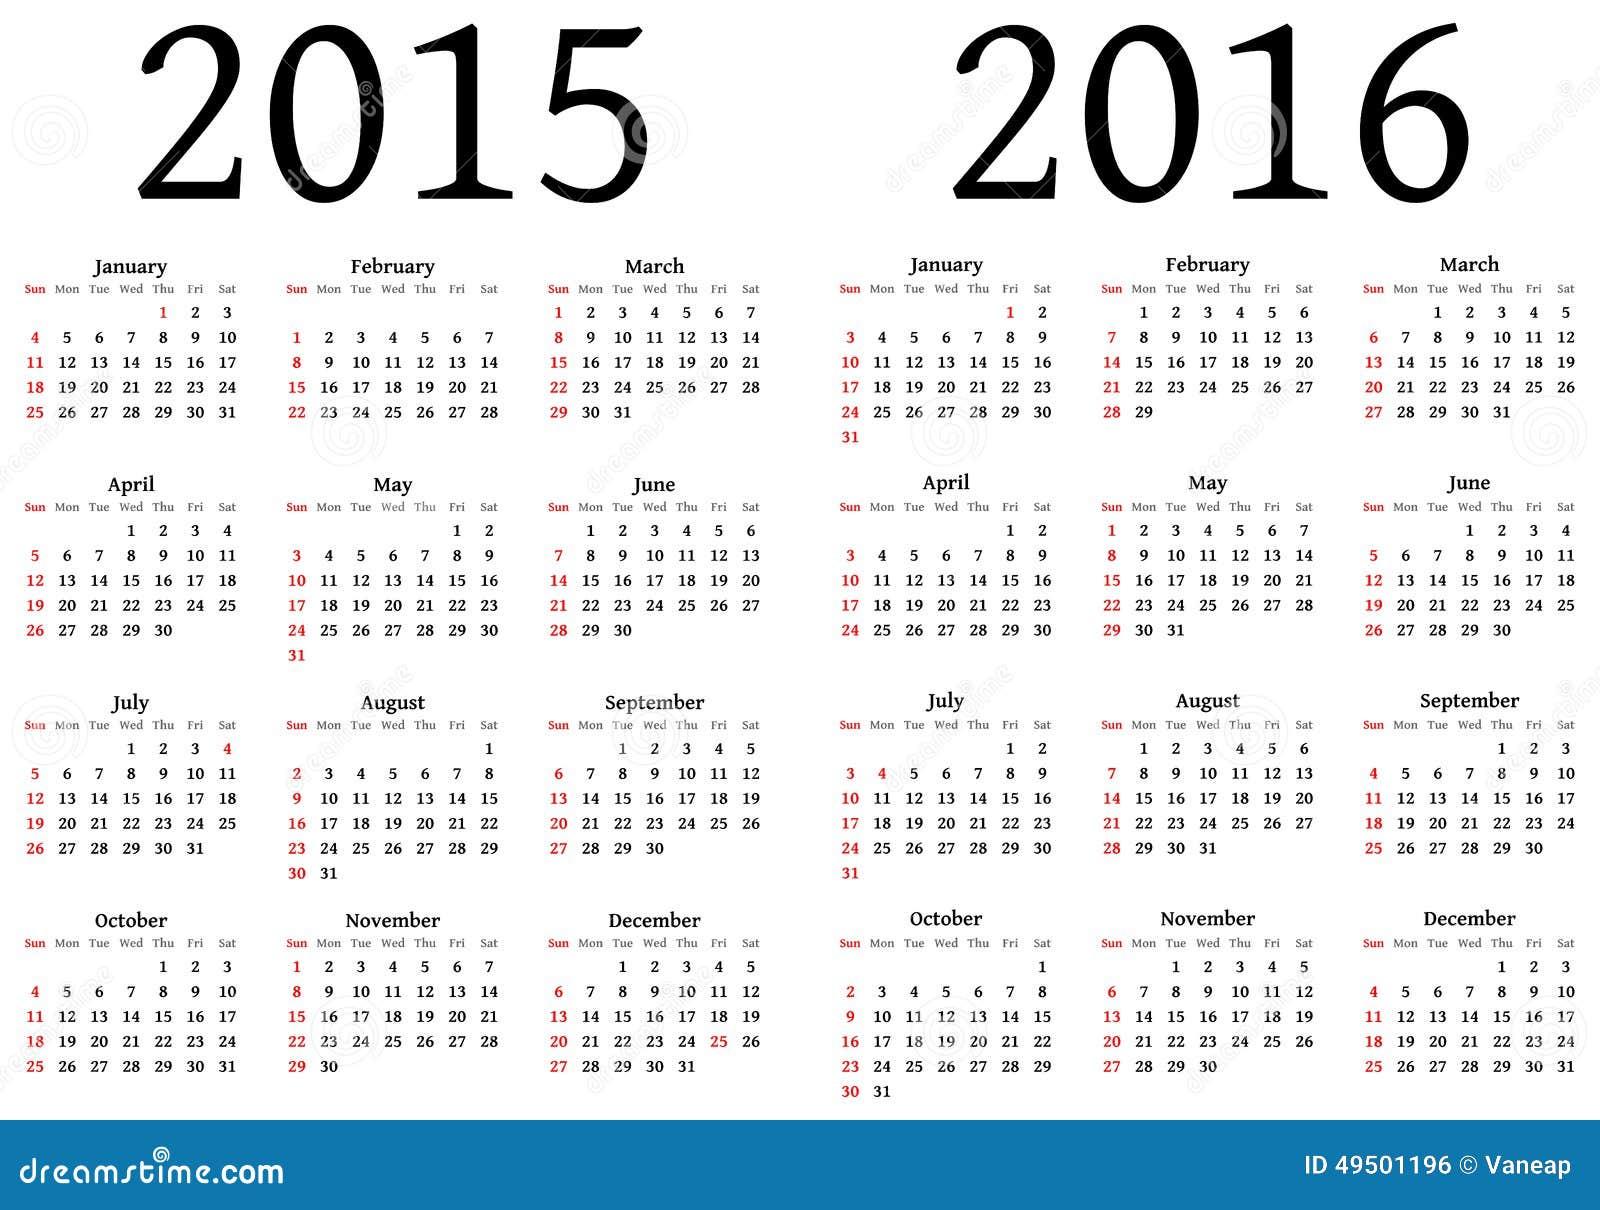 Calend rio para 2015 e 2016 ilustra o do vetor imagem for Calendario 2015 ministerio del interior